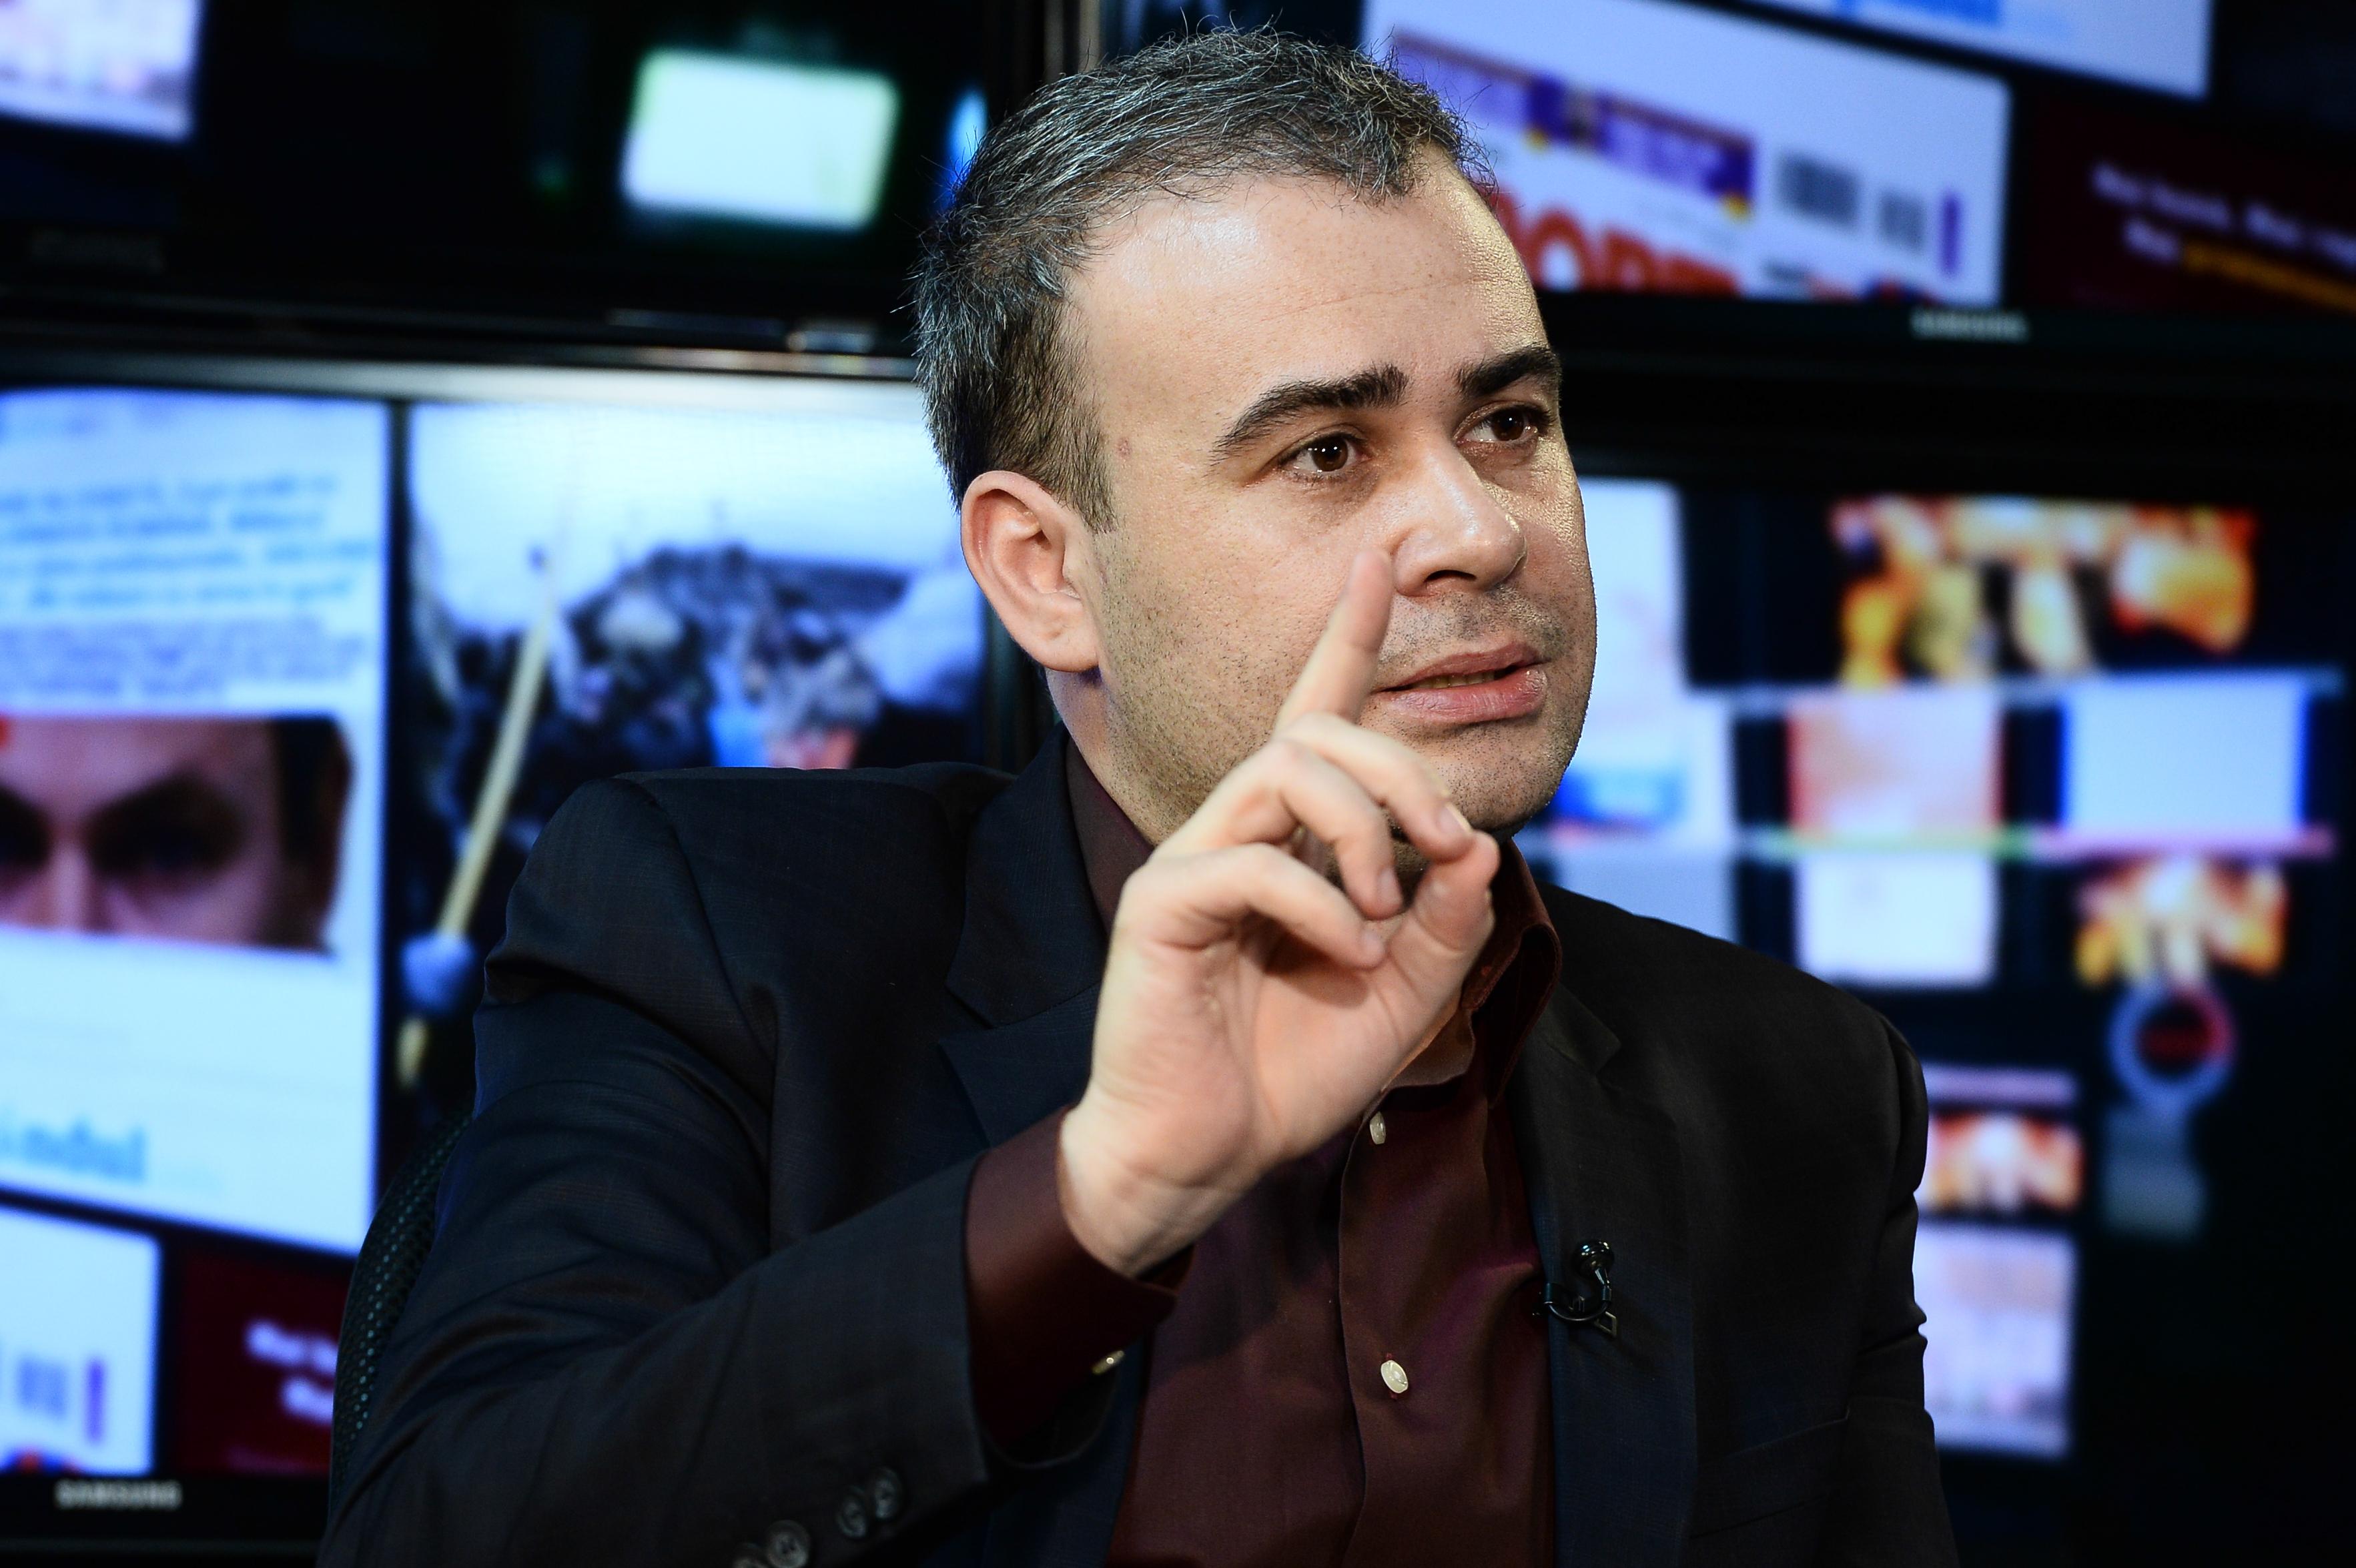 DNA cere un nou aviz de arestare a lui Valcov. Fostul ministru avea intr-un seif trei lingouri de aur, tablouri si bani